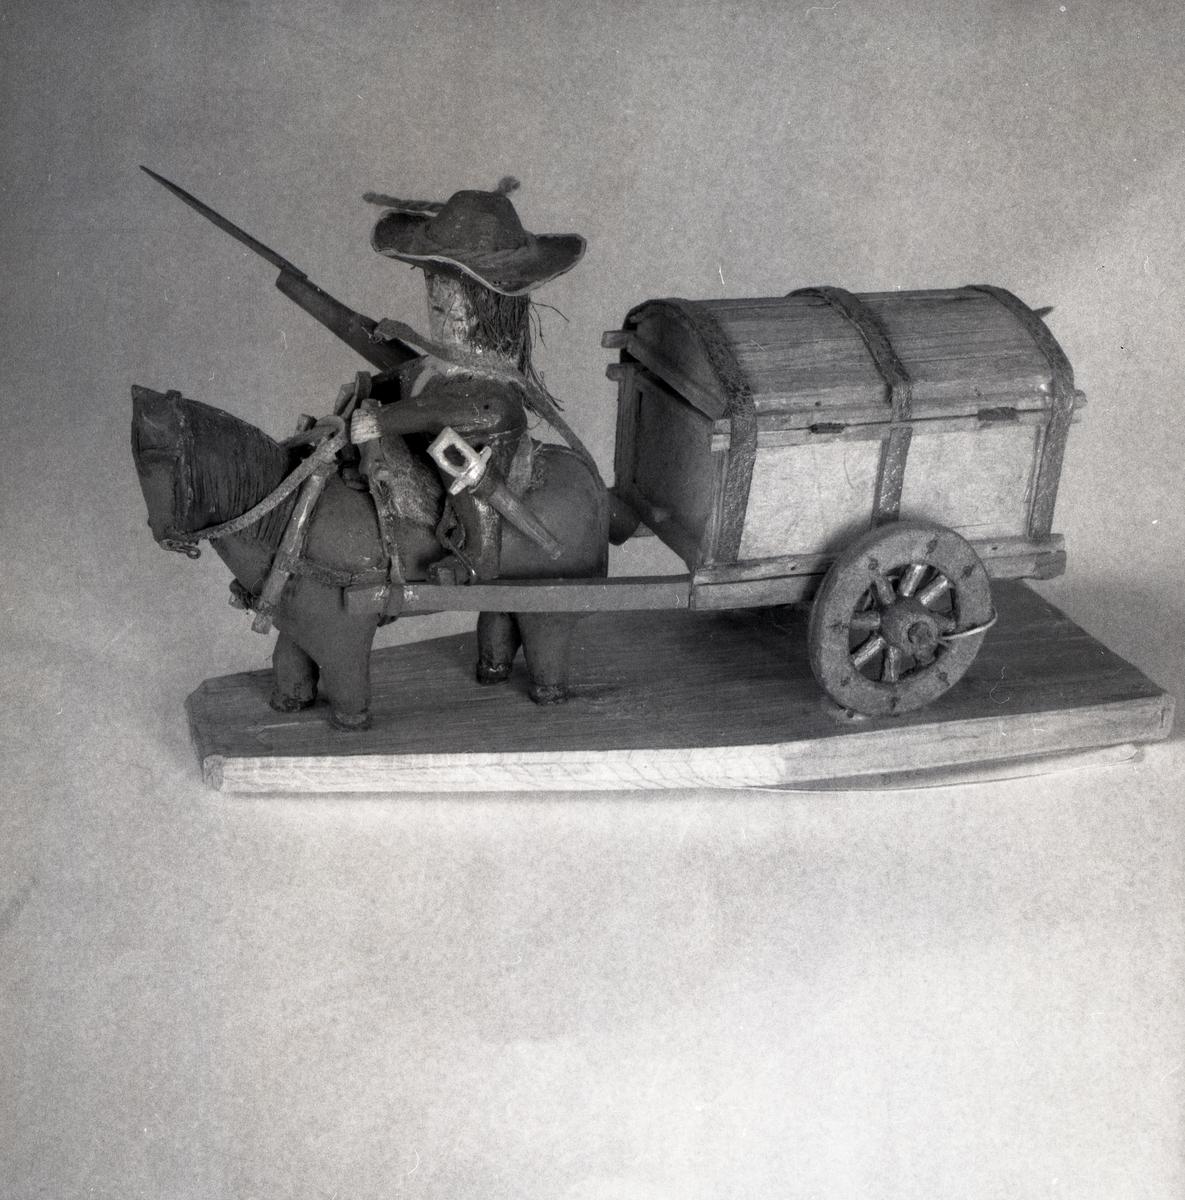 En trämodell av häst med vagn som framförs av en man med gevär och hatt.